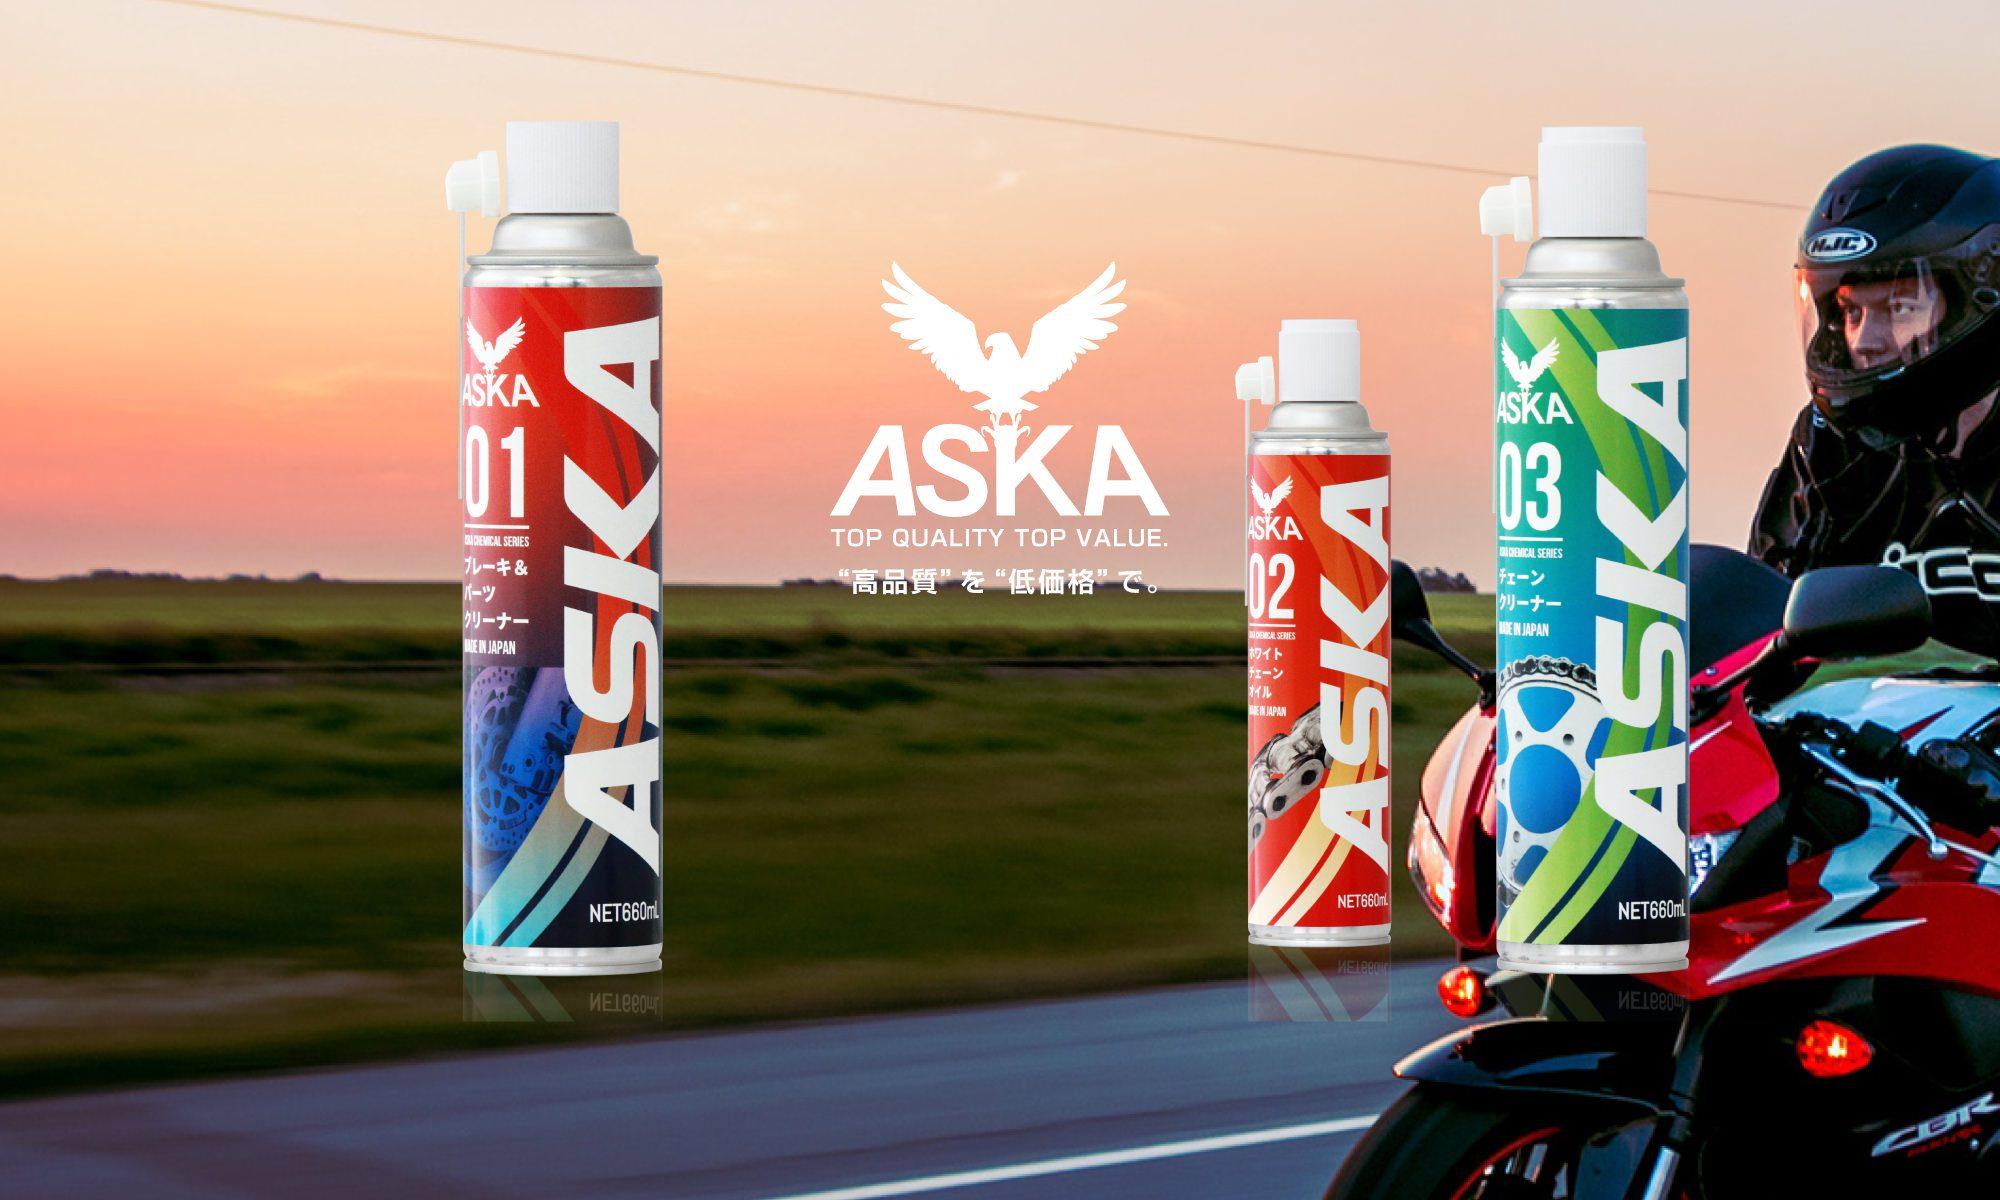 株式会社アスカ ASKA バイクメンテナンス用品メーカー